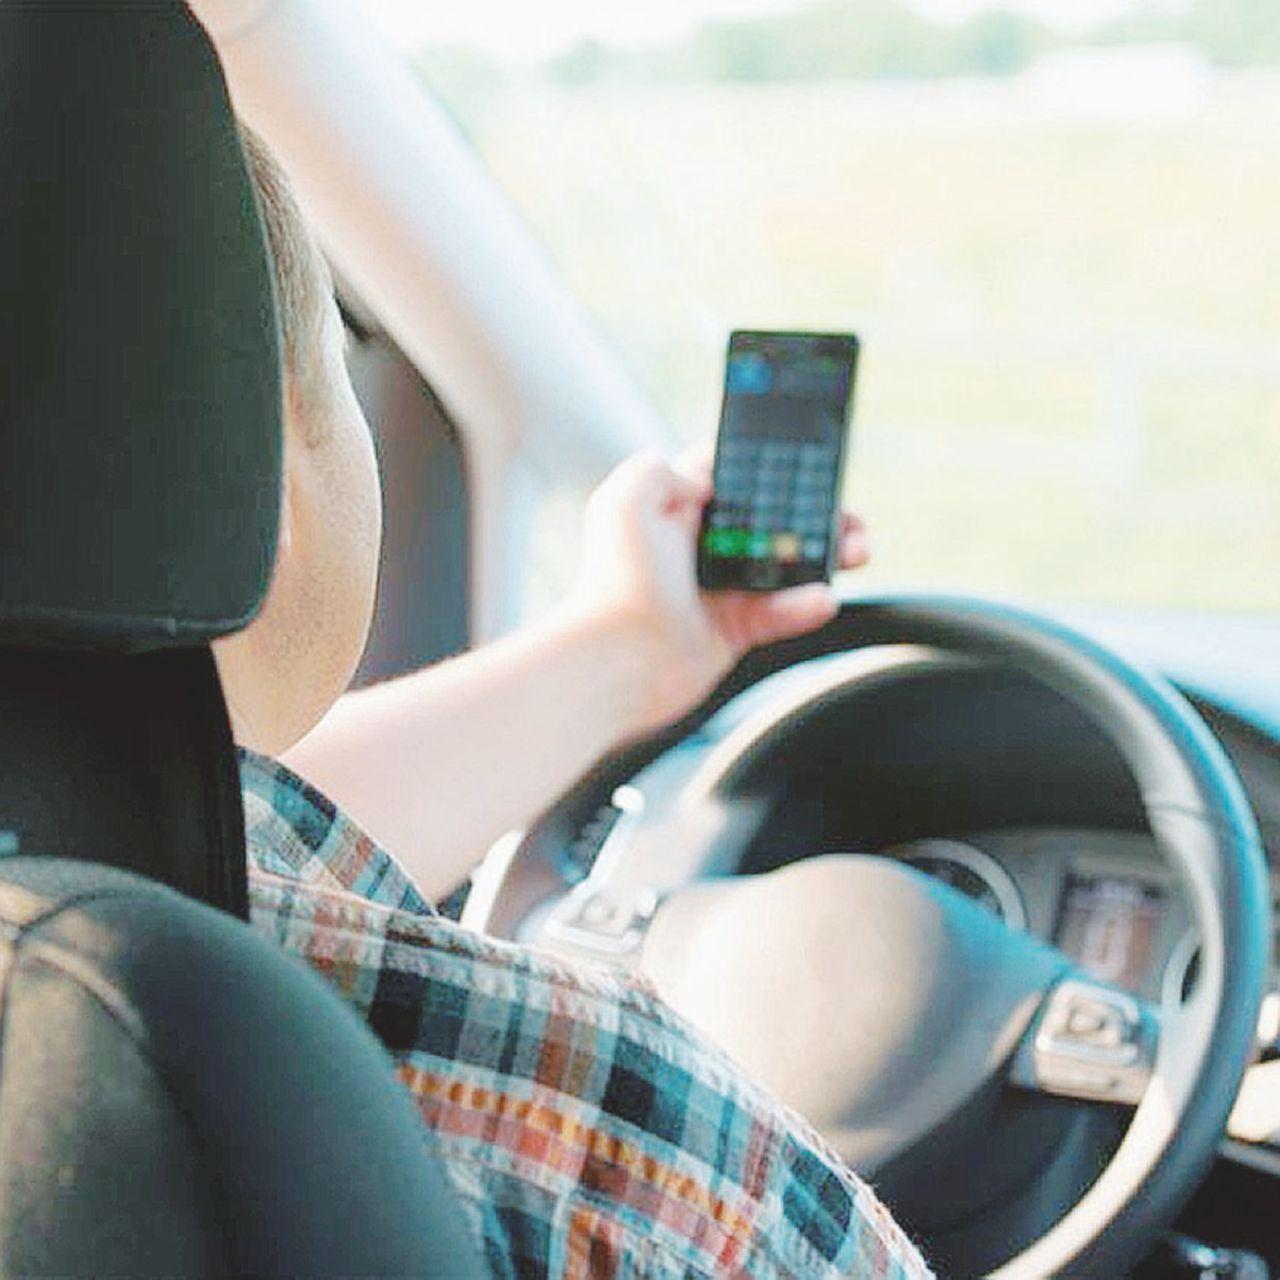 Lo smartphone al volante è pericolo costante (di galera)